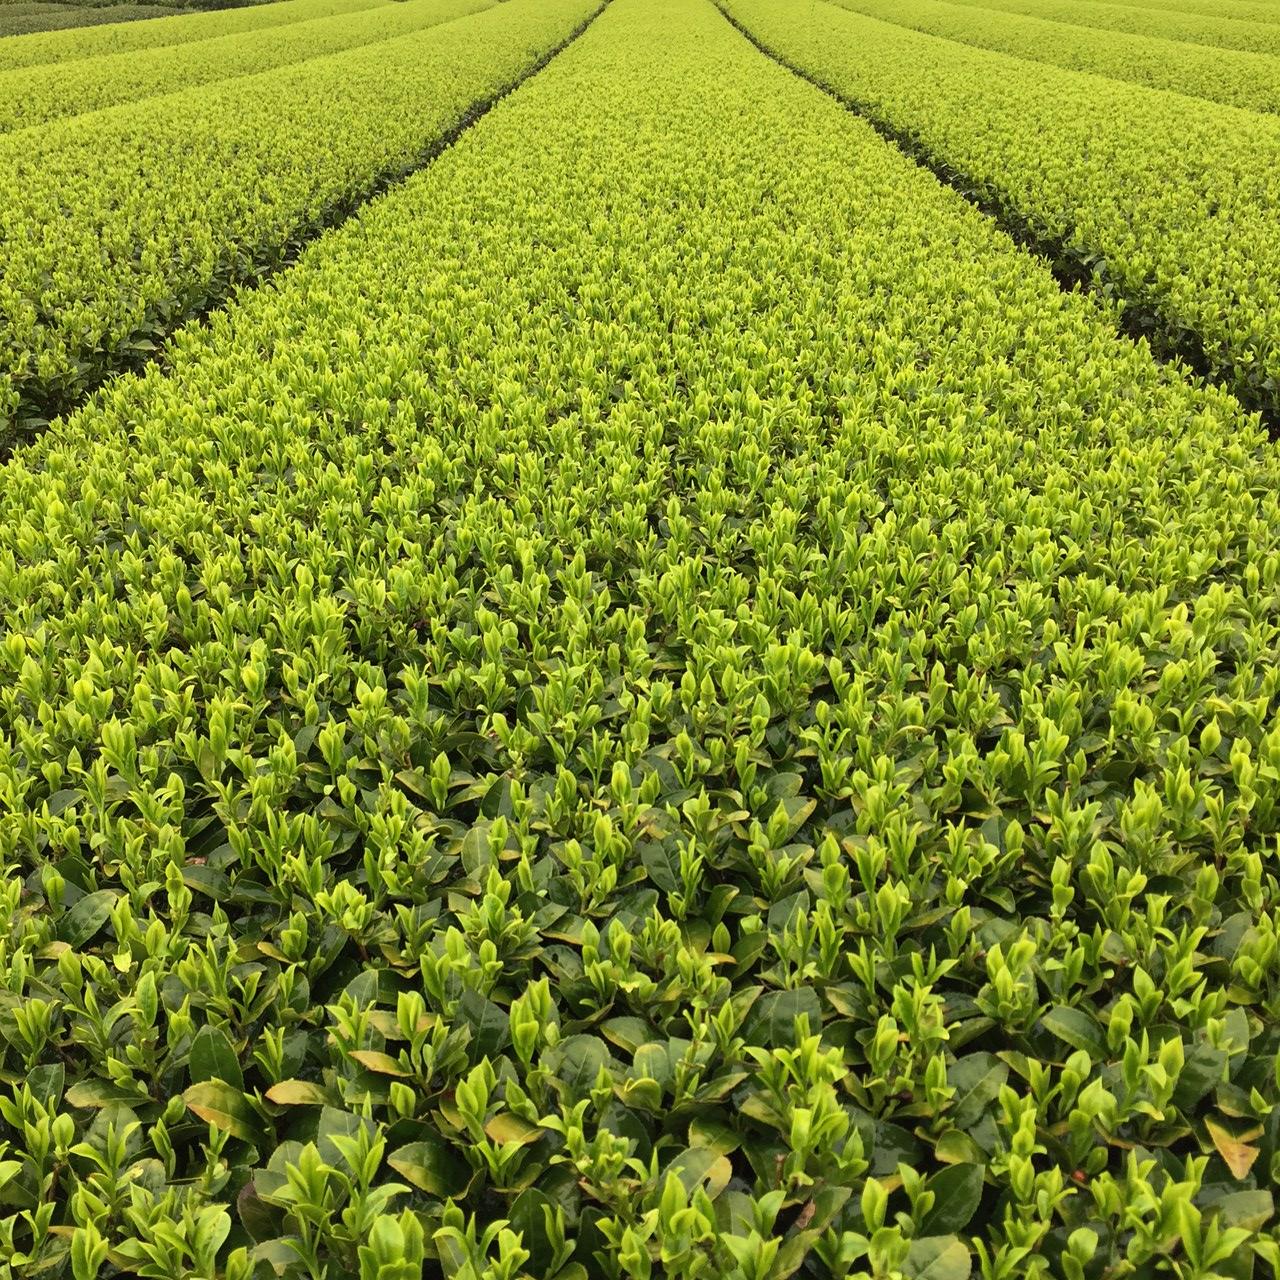 2017年4月10日かごしま緑茶の茶園風景です。品種はゆたかみどりです。新芽が雨に濡れています。